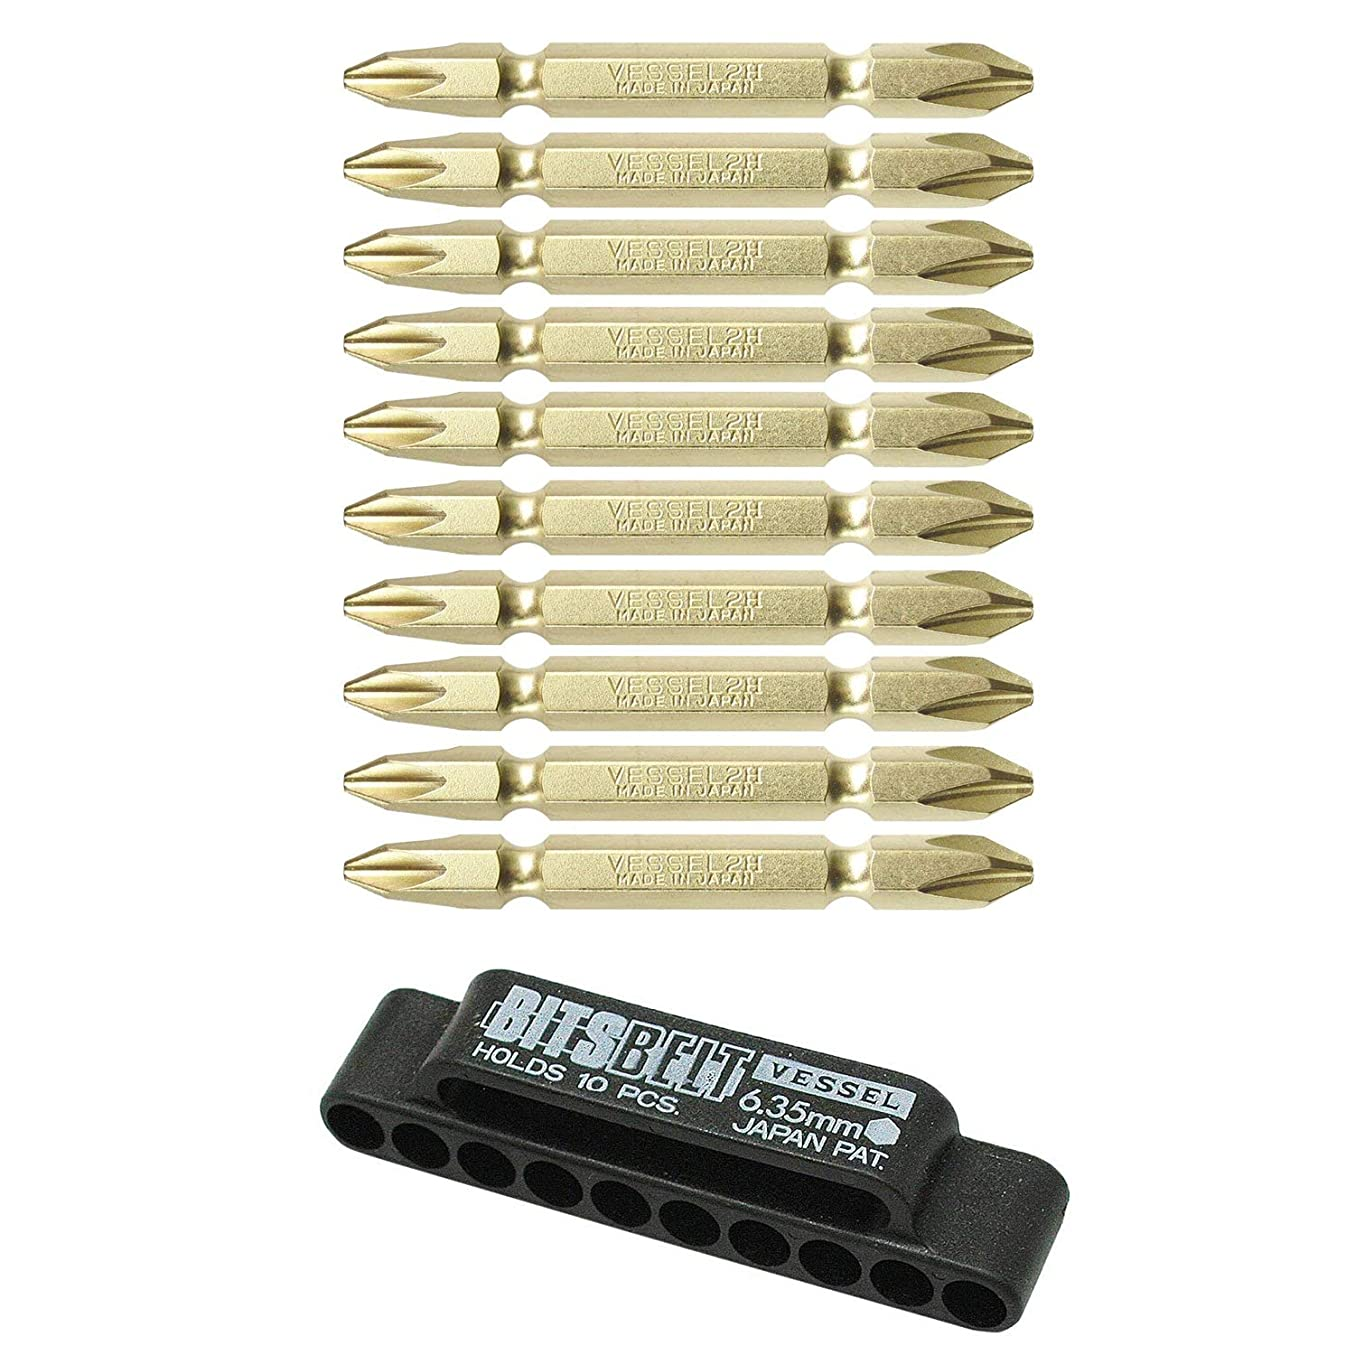 事業バリケード雄弁なベッセル(VESSEL) ビットセット +2×65mm 10本組 ホルダー付 BW-12